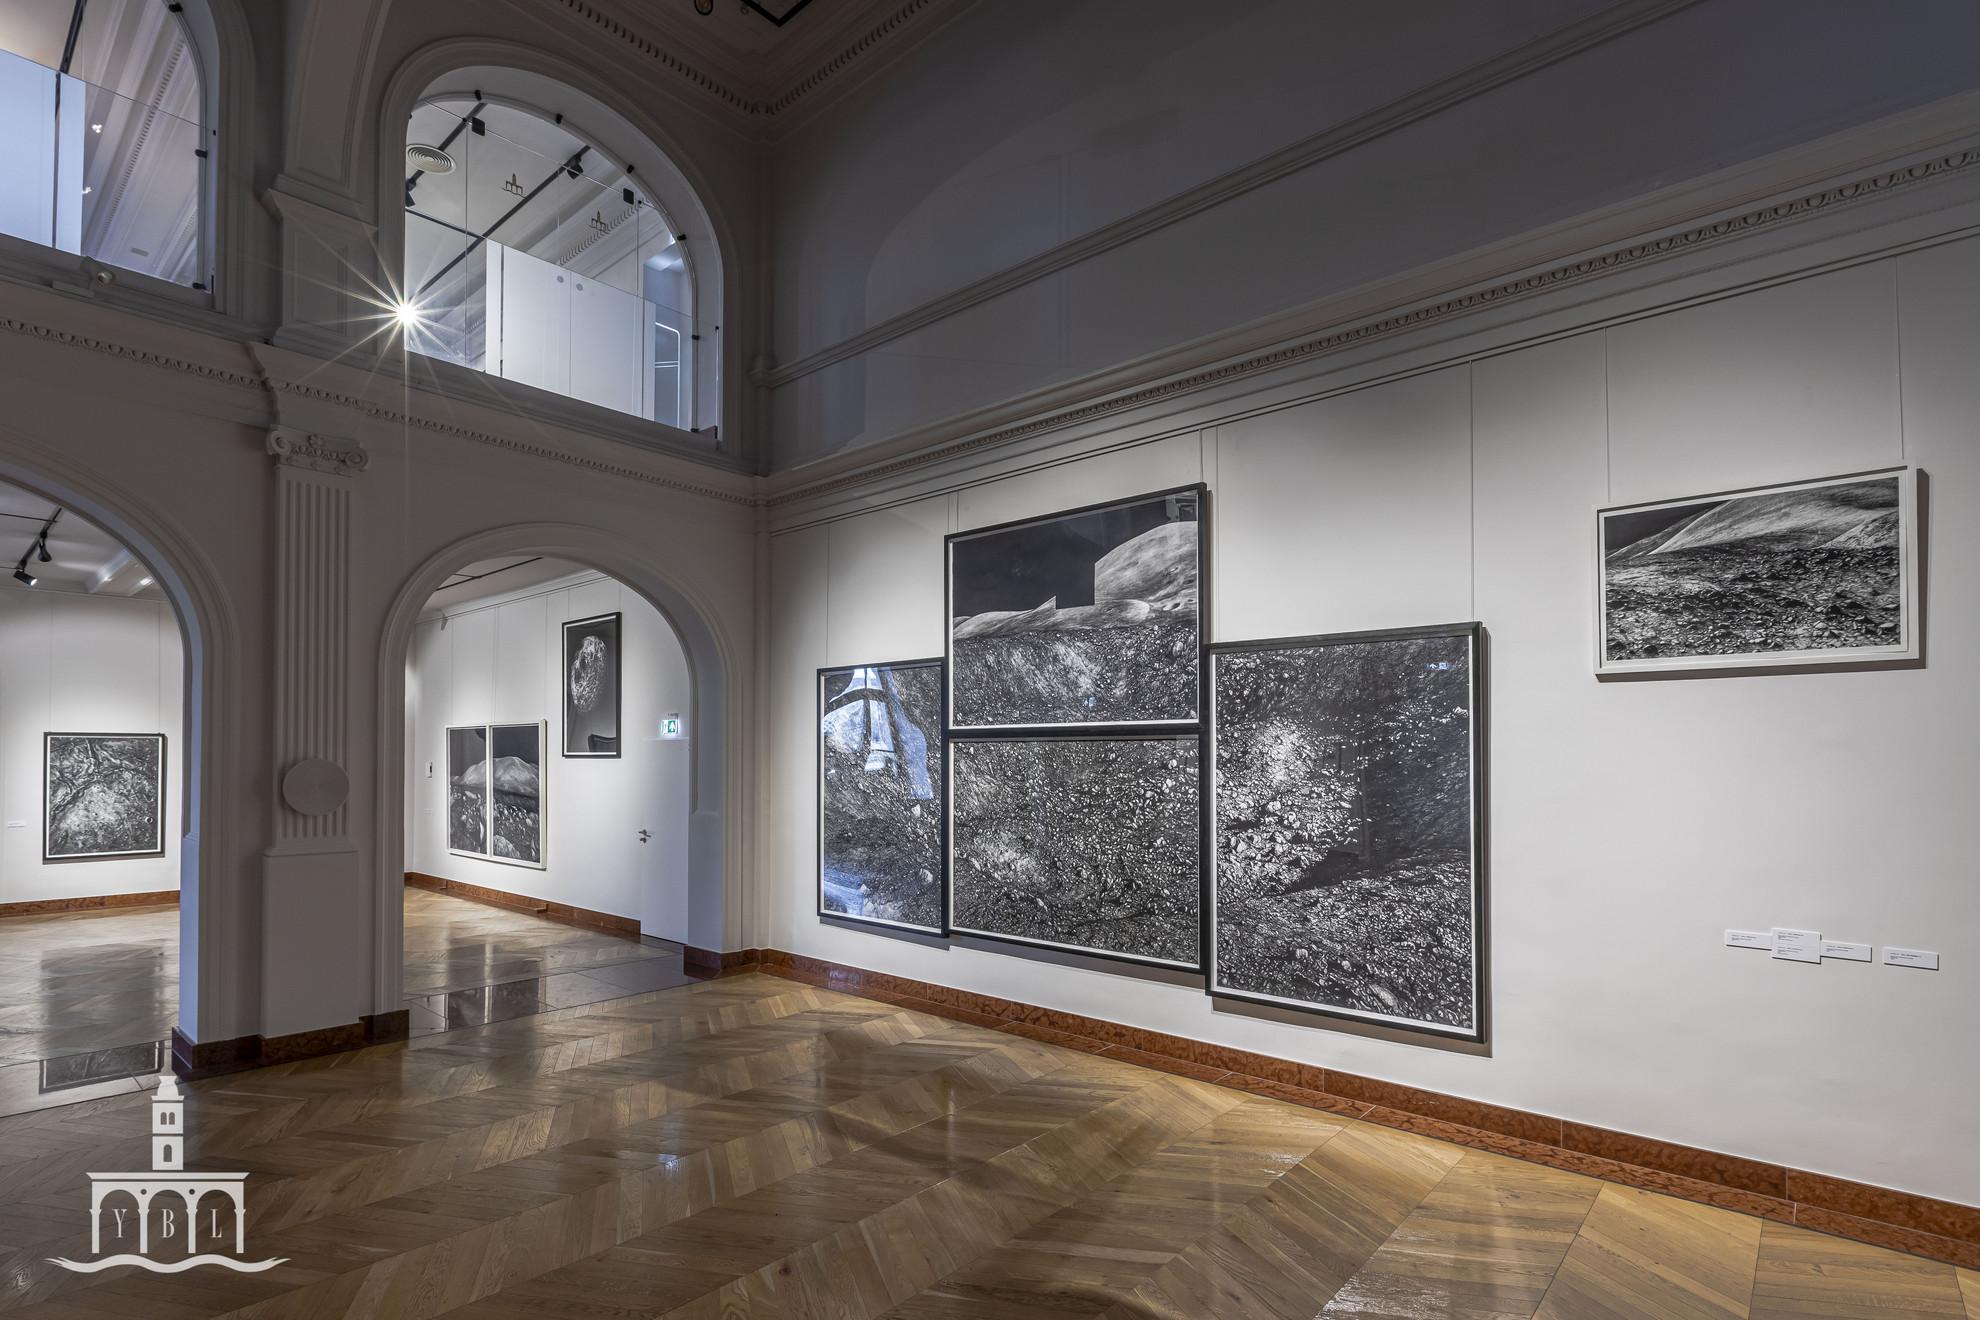 A HOLD: iski Kocsis Tibor a Holdat és a történelmet múzsának hívta, alkotásai múltbeli holdsétára invitálják a látogatókat